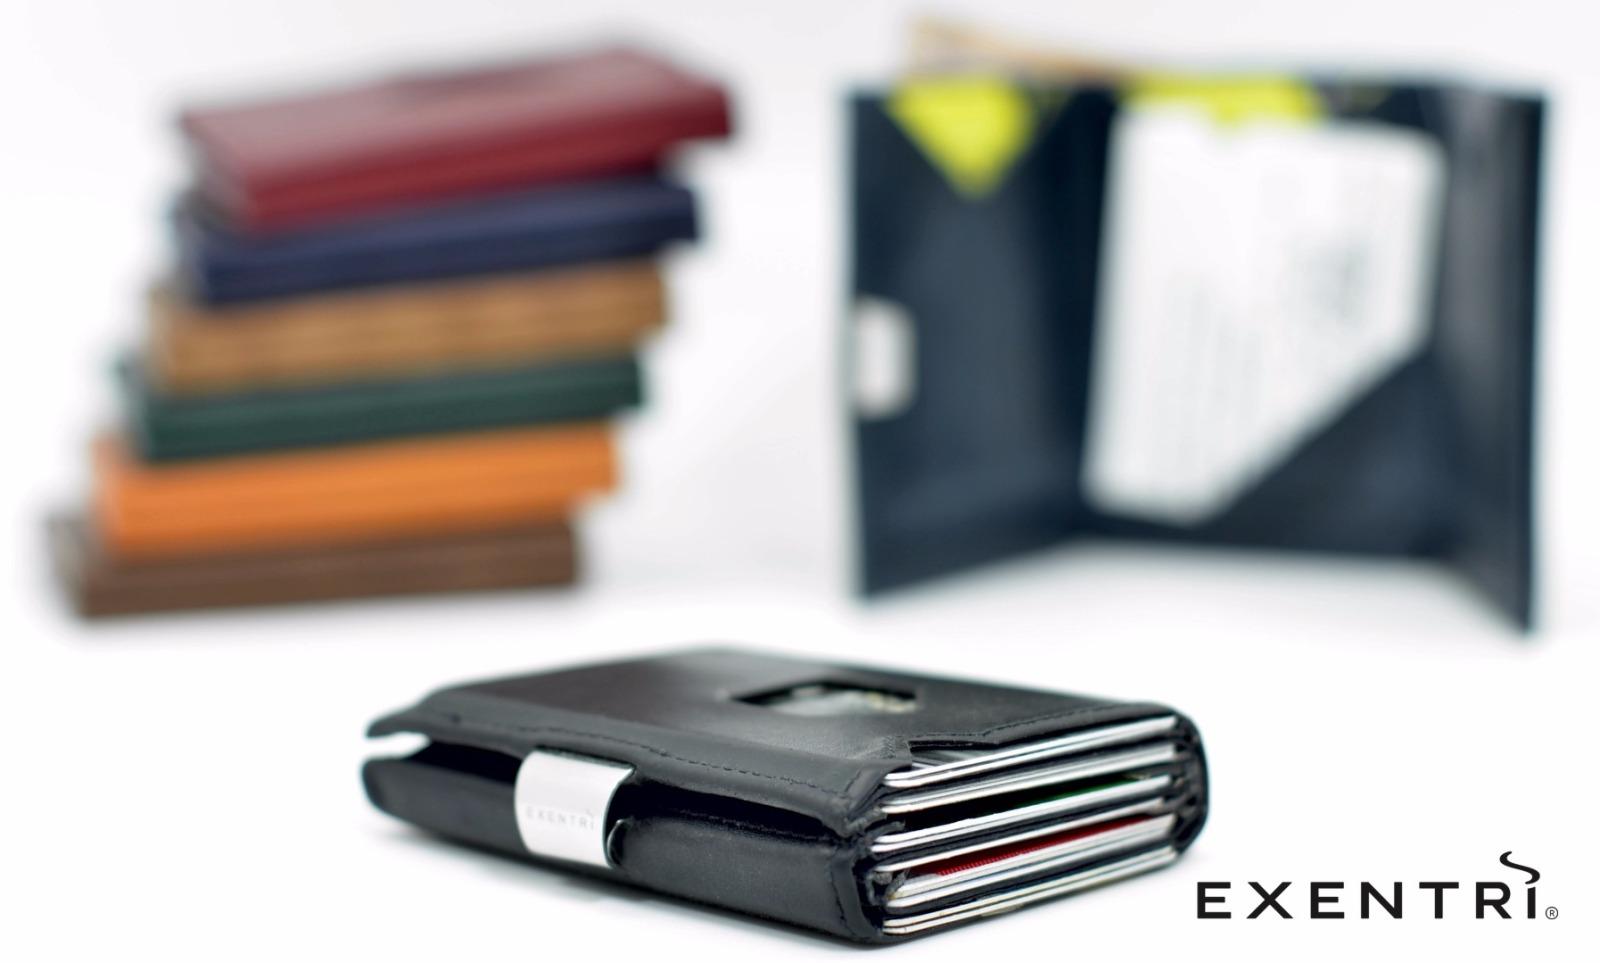 Exentri Wallet HAZELNUT CHESS mit RFID-Schutz - 2